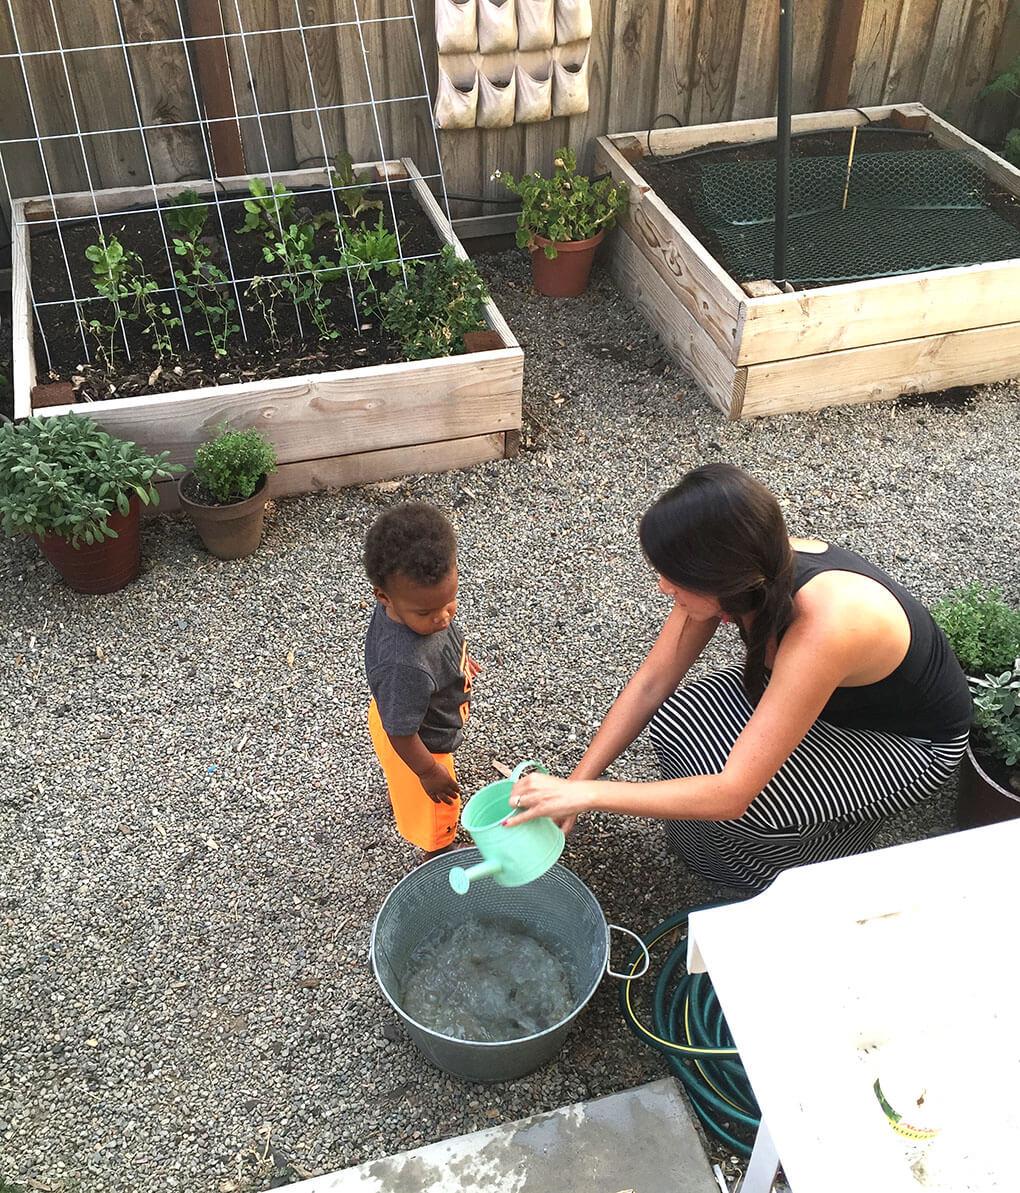 Planter Boxes and Babies sarahkayhoffman.com Isaiah and Tiara